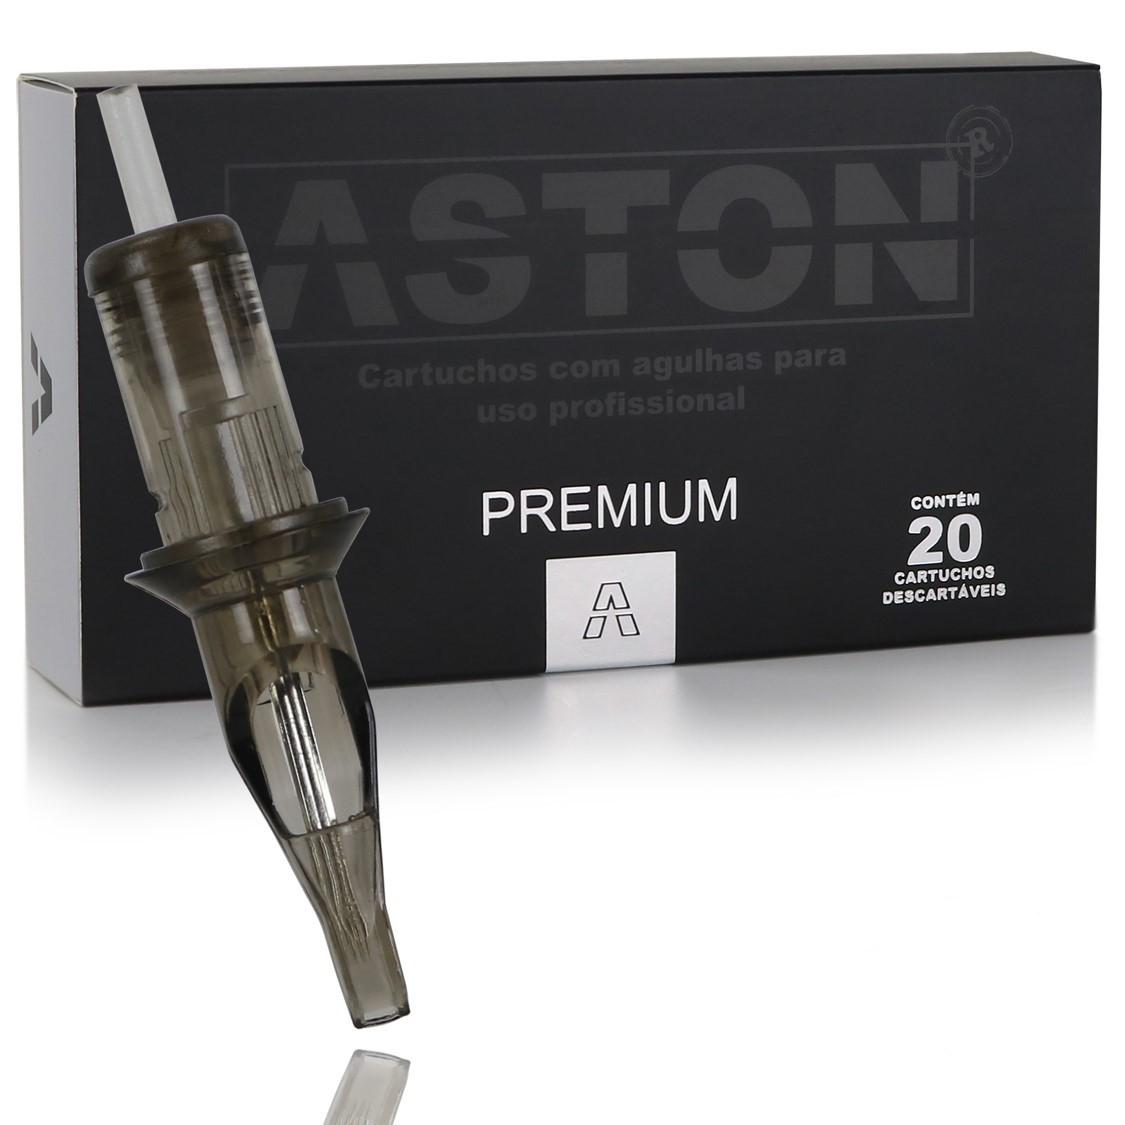 CAIXA CARTUCHO ASTON PREMIUM BUCHA RS (20 UN) - 1207RS